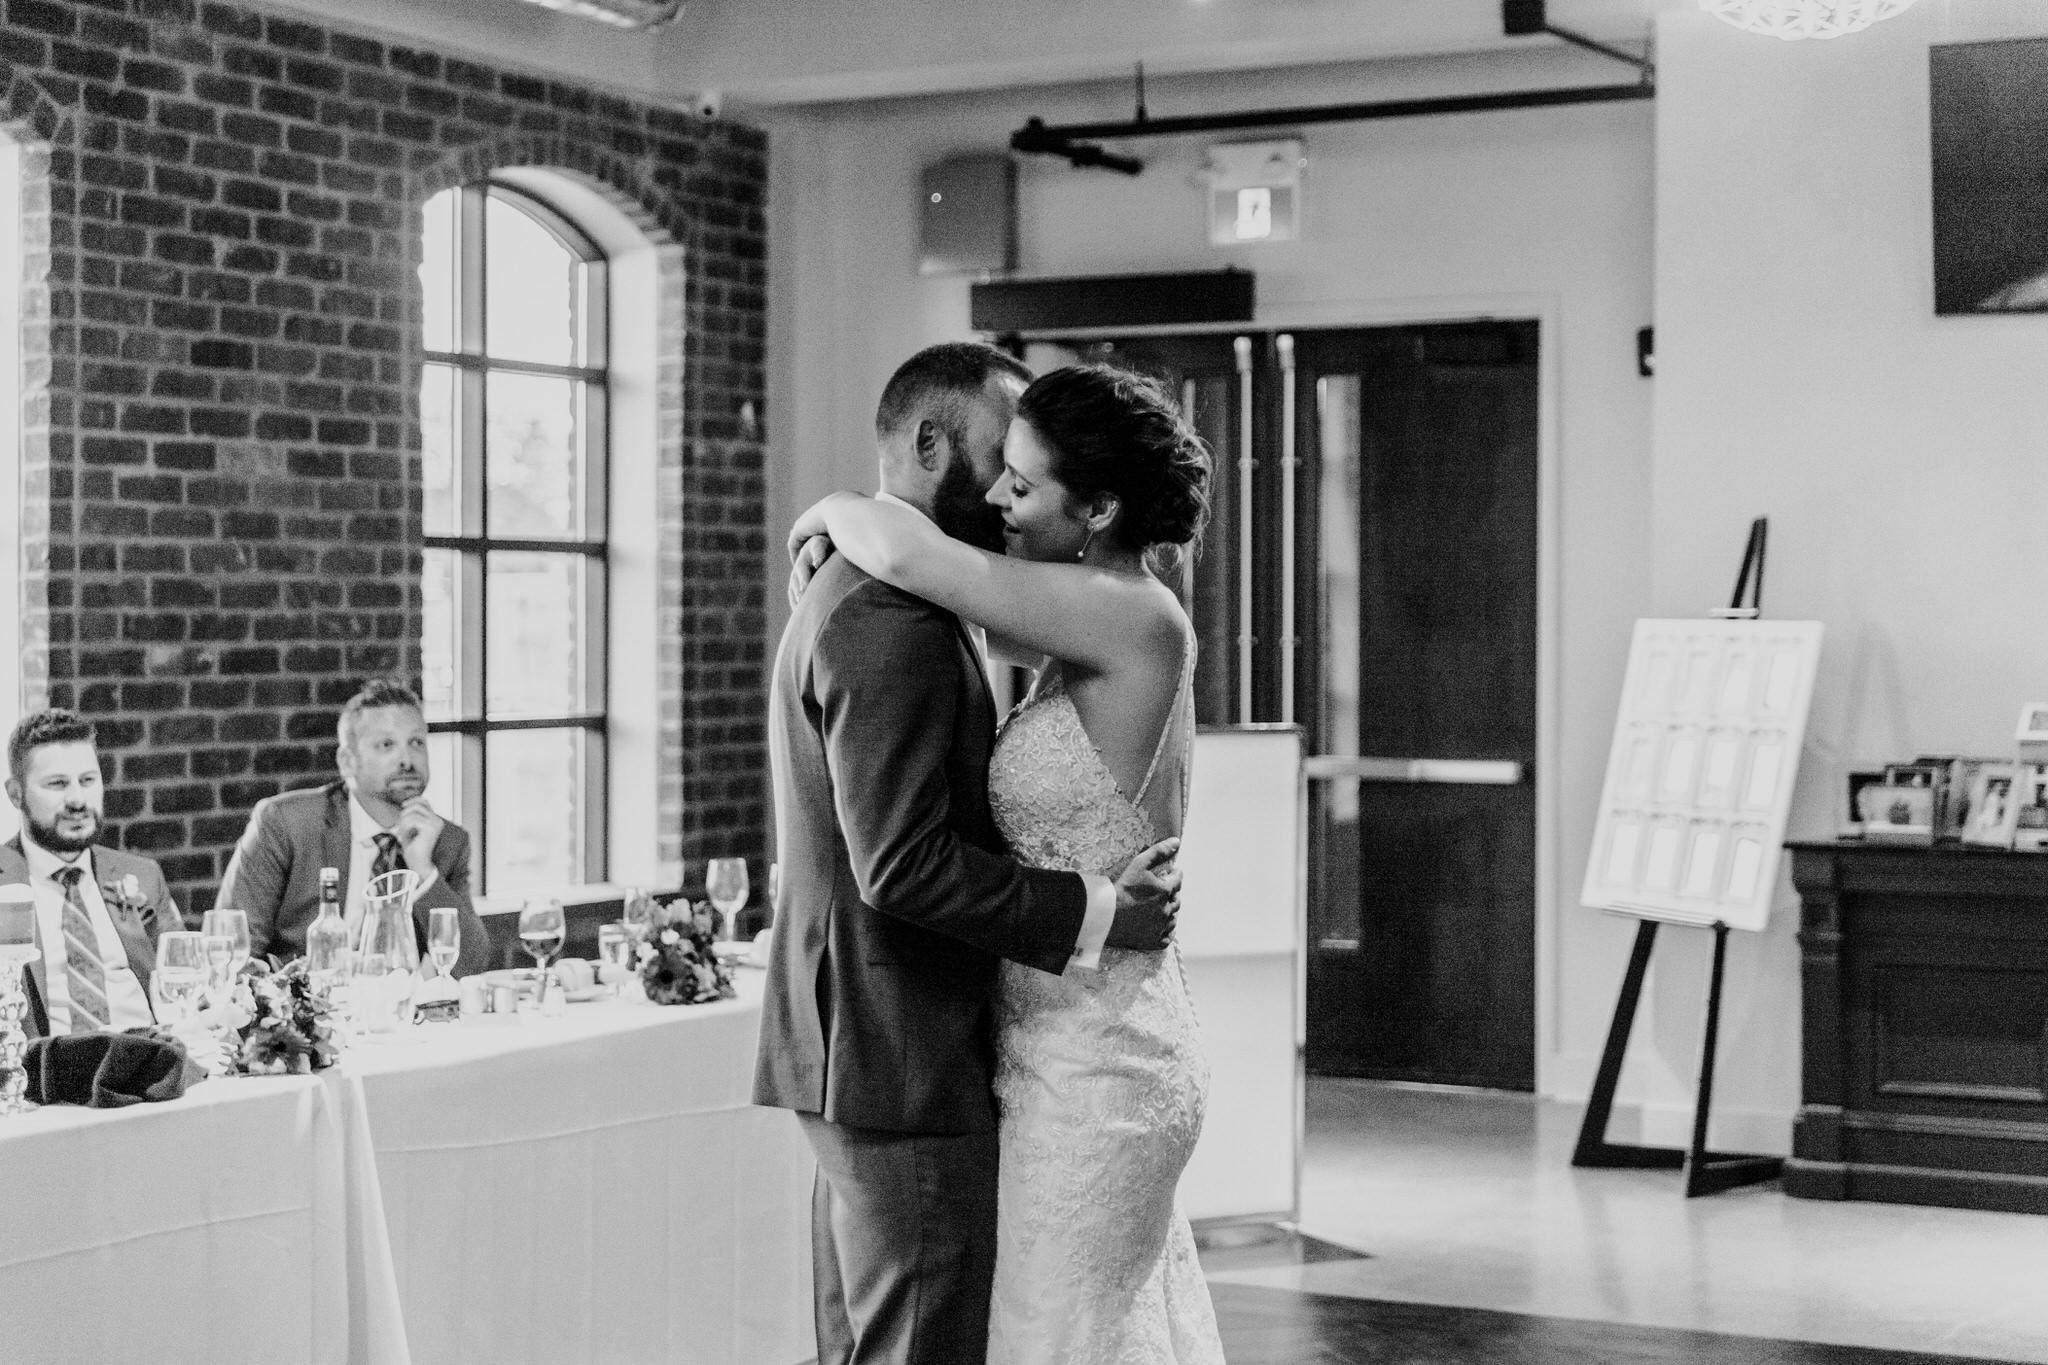 Brock Street Brewery Wedding - first dance